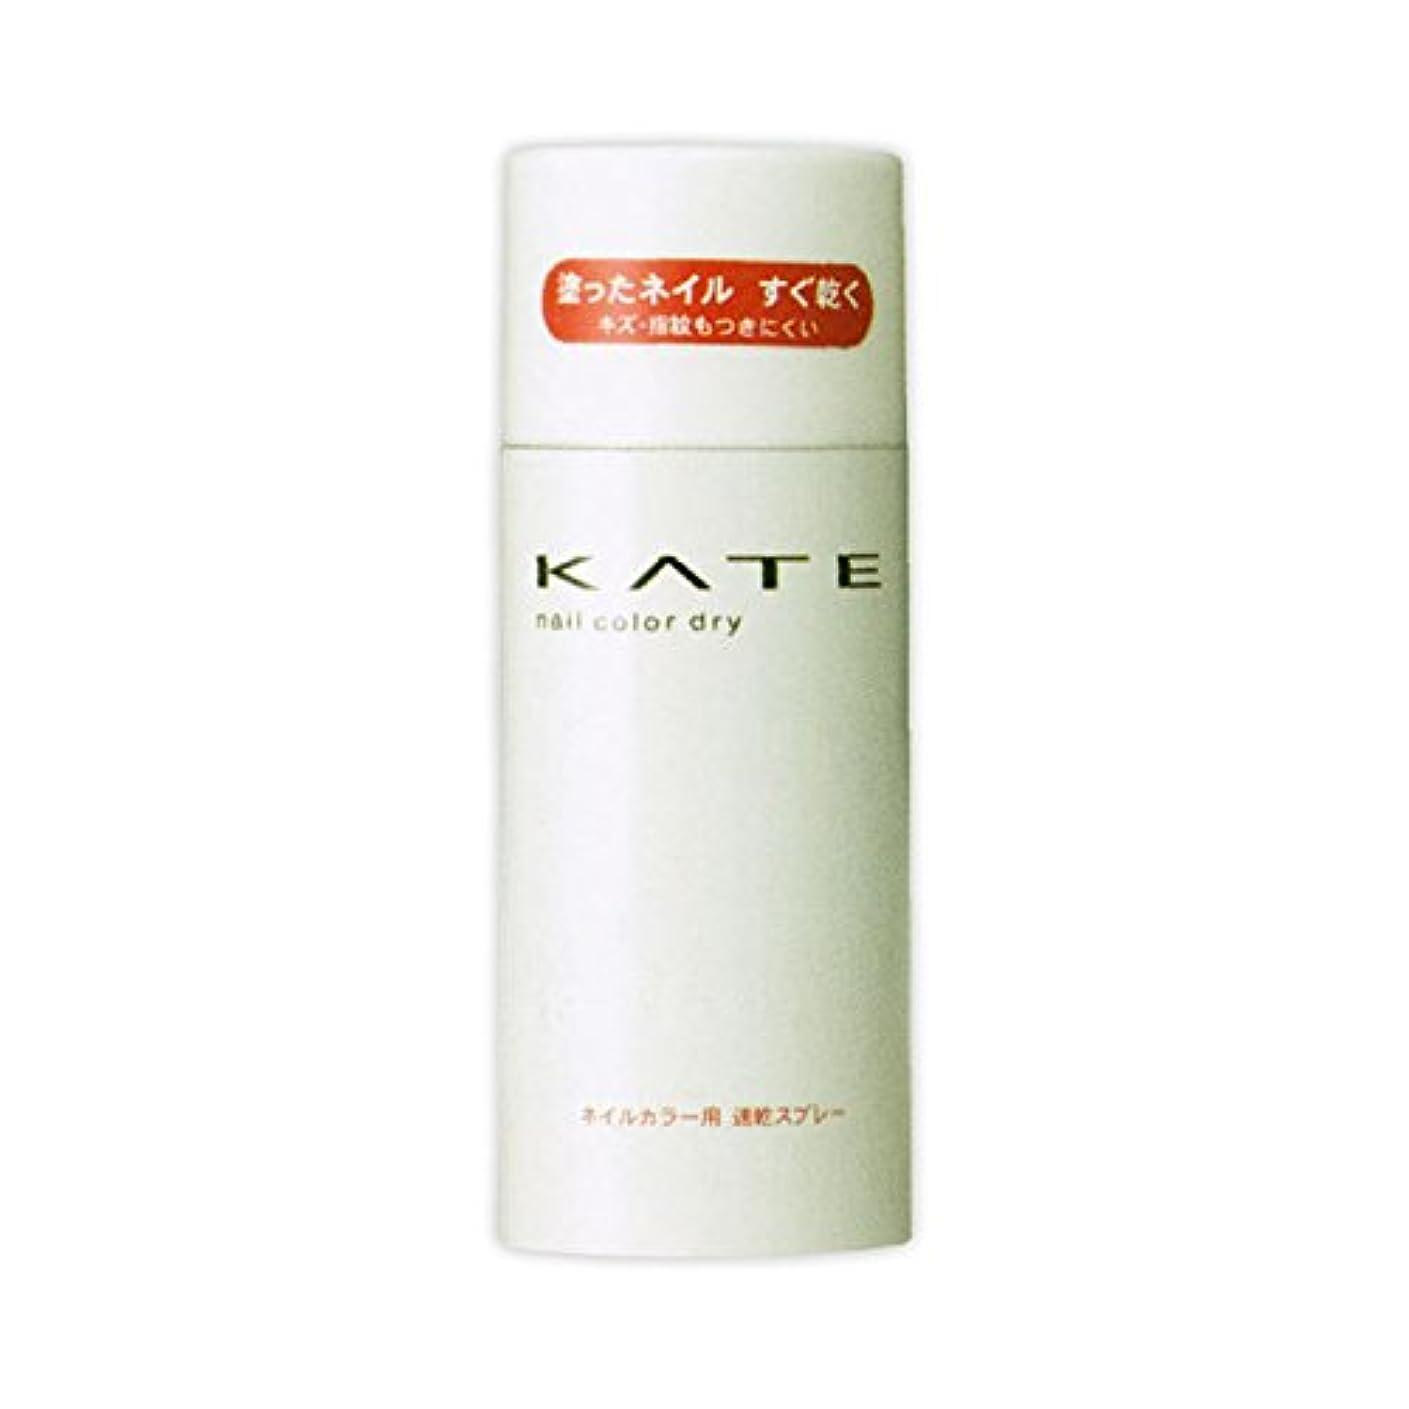 閉じる寄託大邸宅カネボウ ケイト KATE ネイルカラードライ S 90g